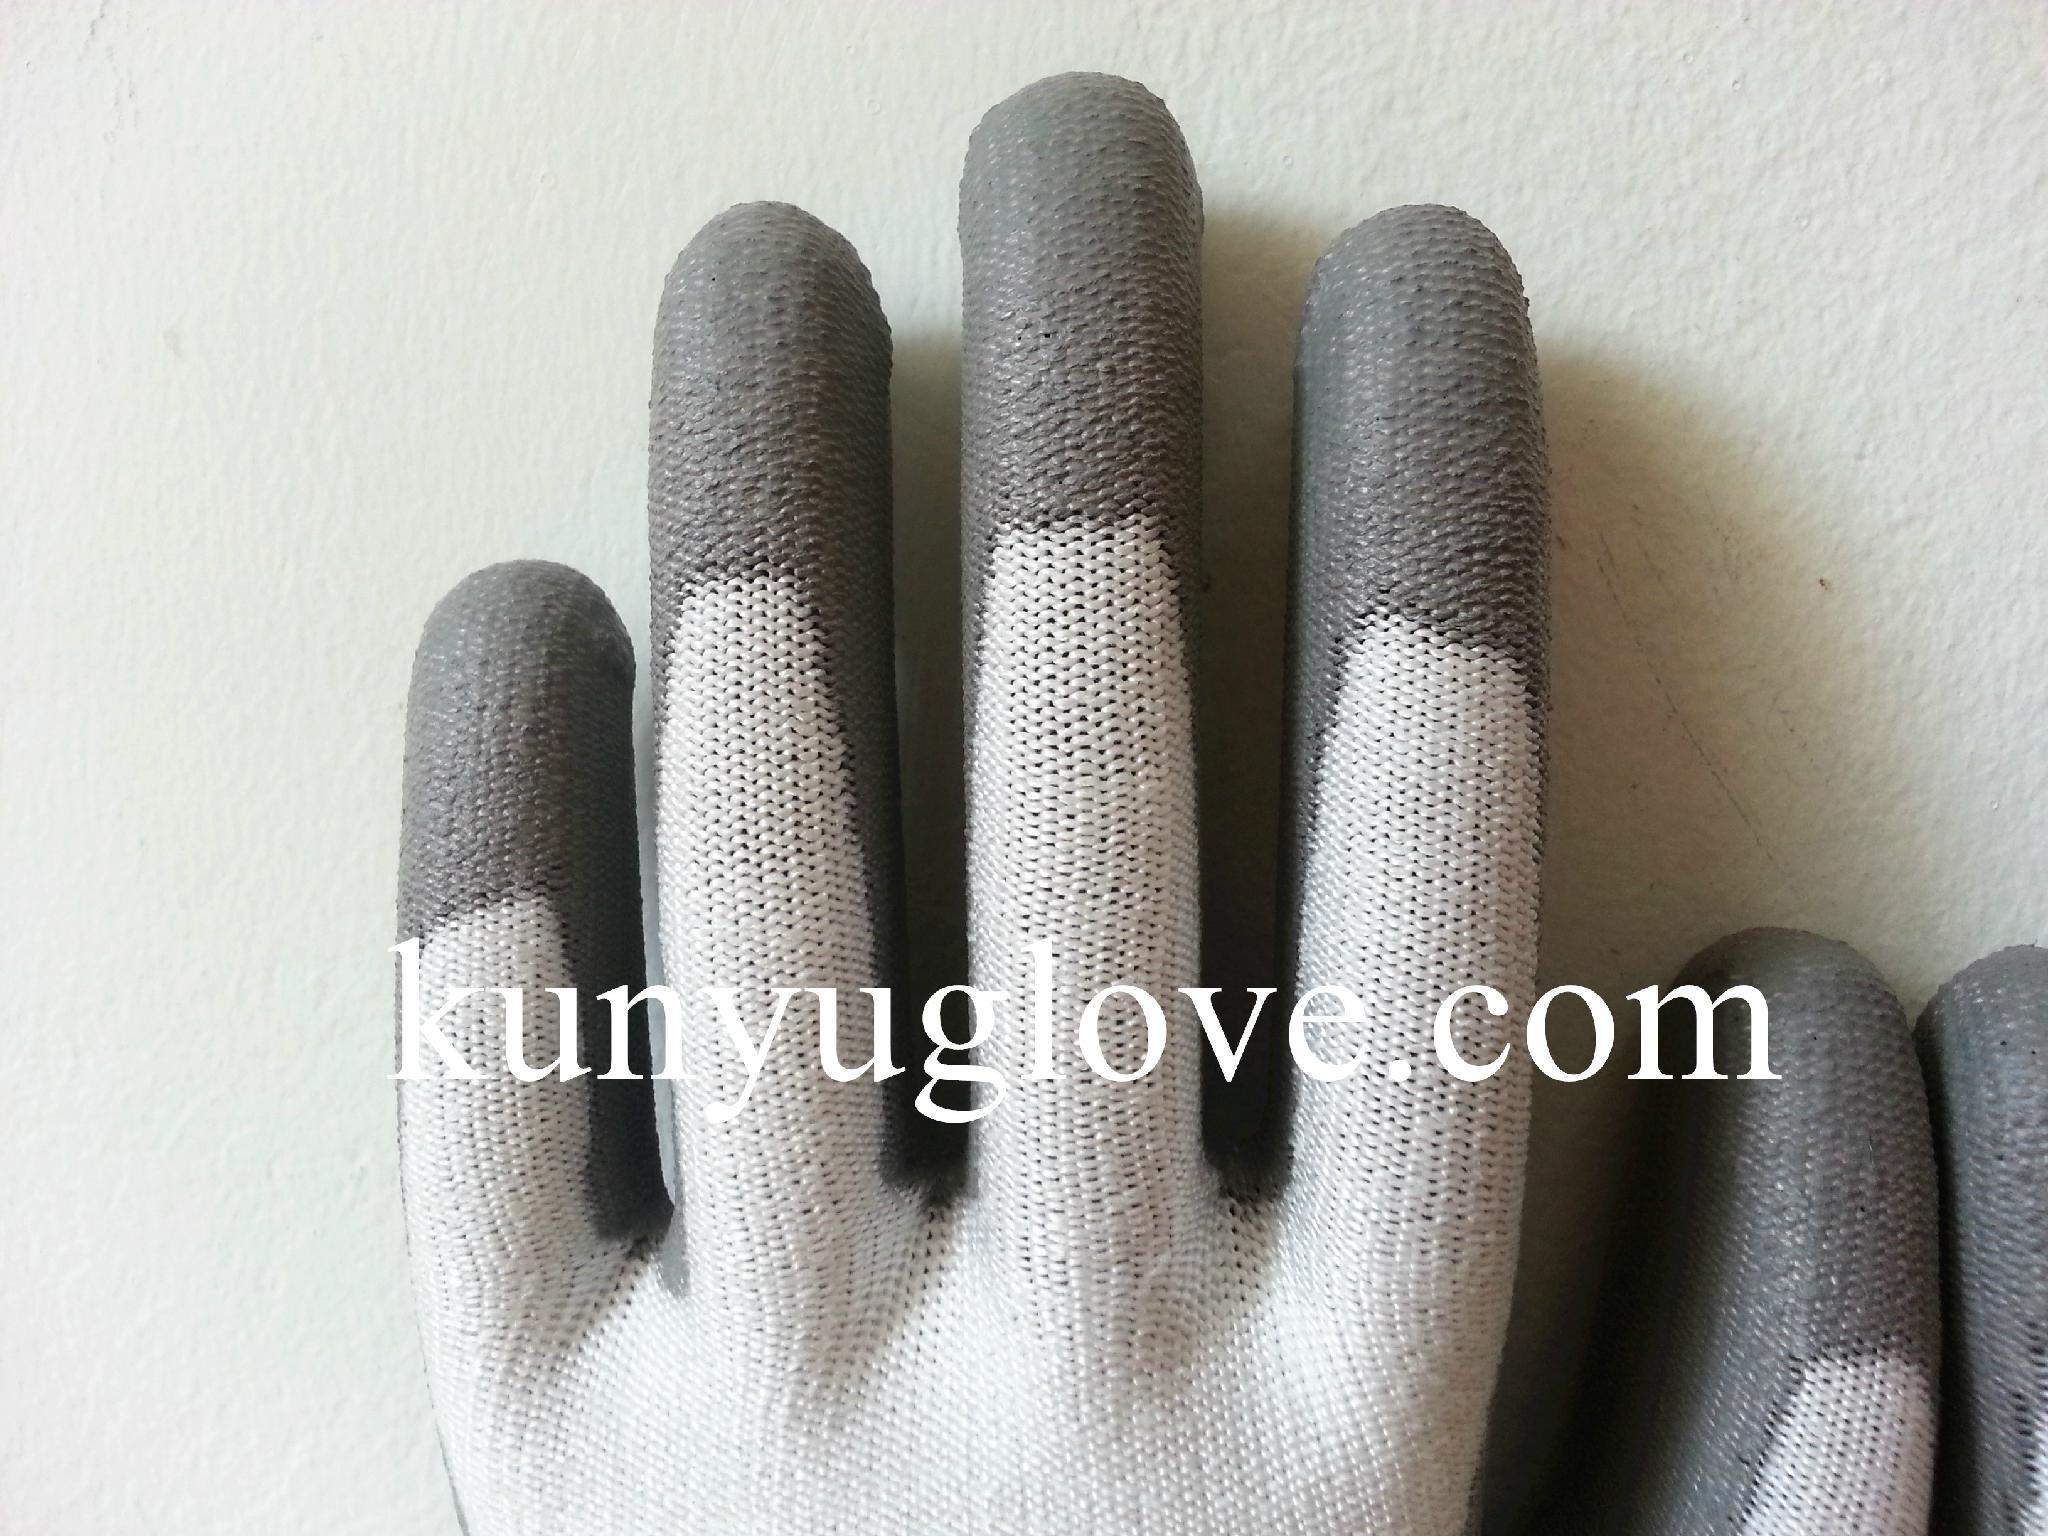 3 level cut resistant dyneema gloves working gloves safety glove 3